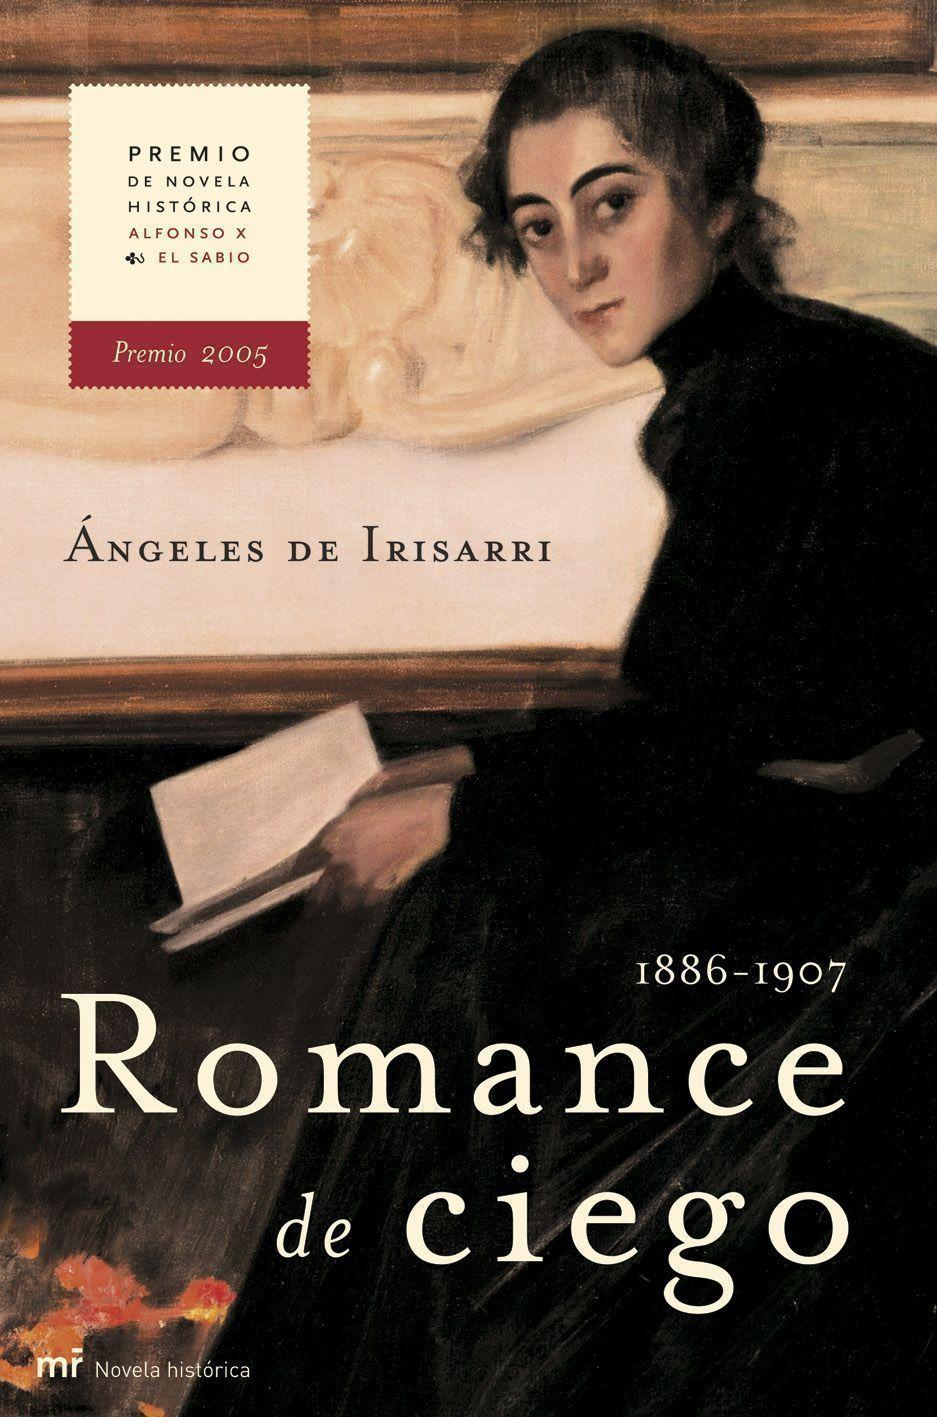 Romance De Ciego Planeta De Libros Romance Libros De Romance Libros